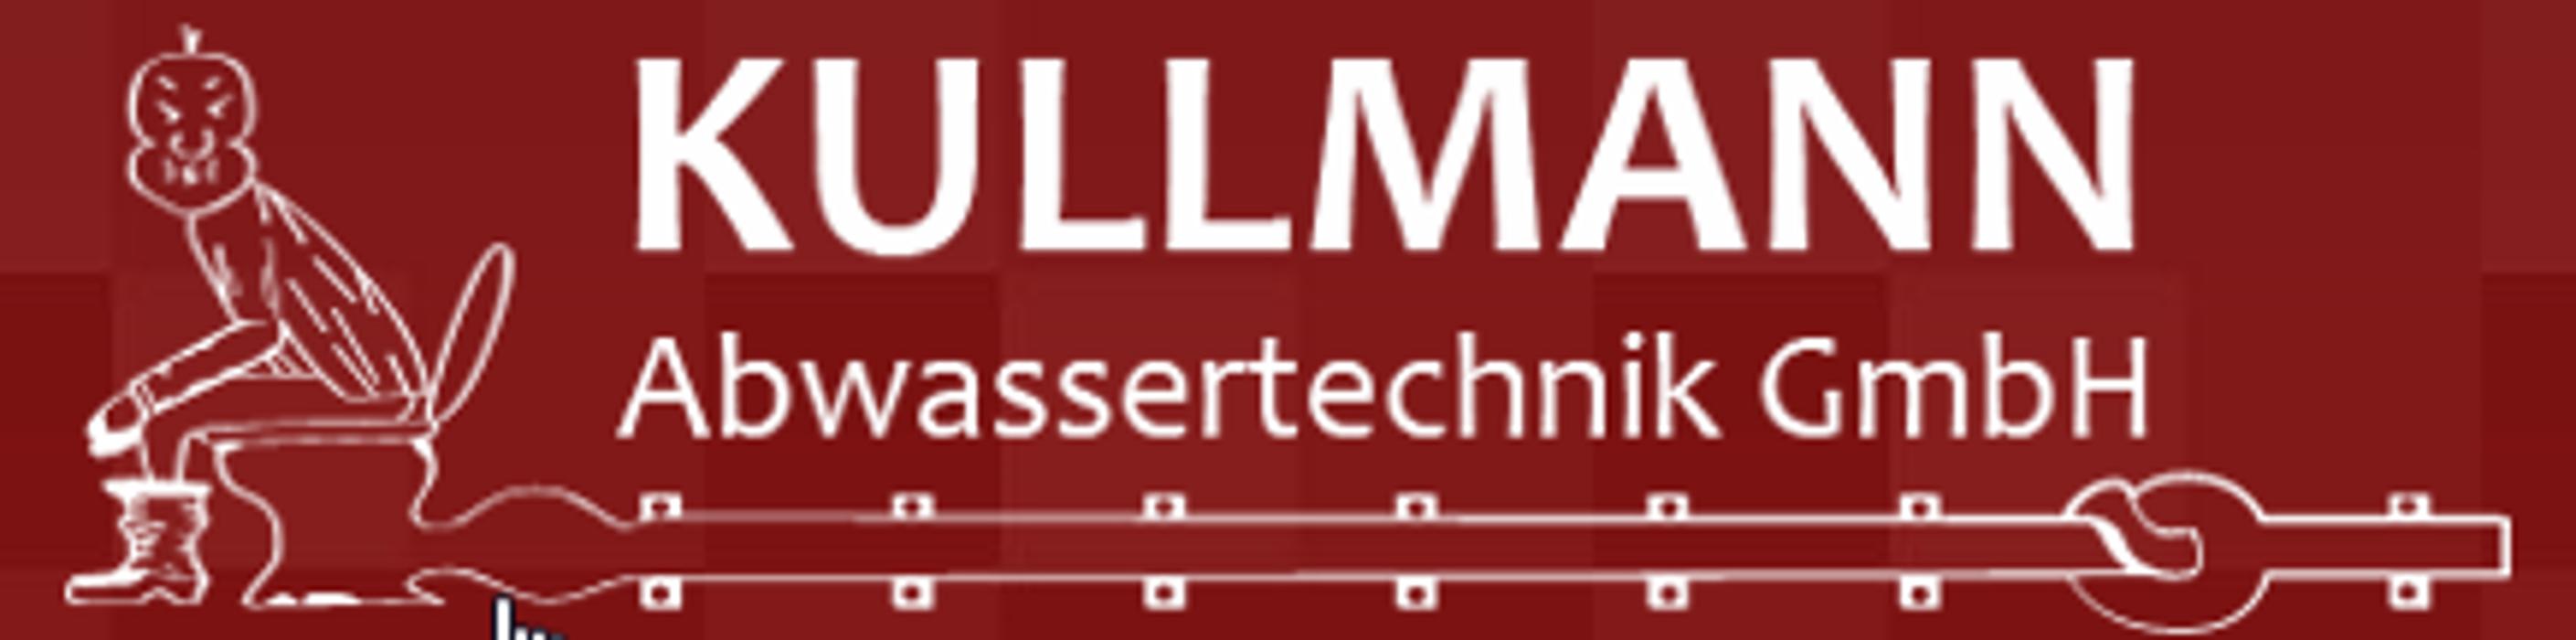 Bild zu Kullmann Abwassertechnik GmbH in Mainz